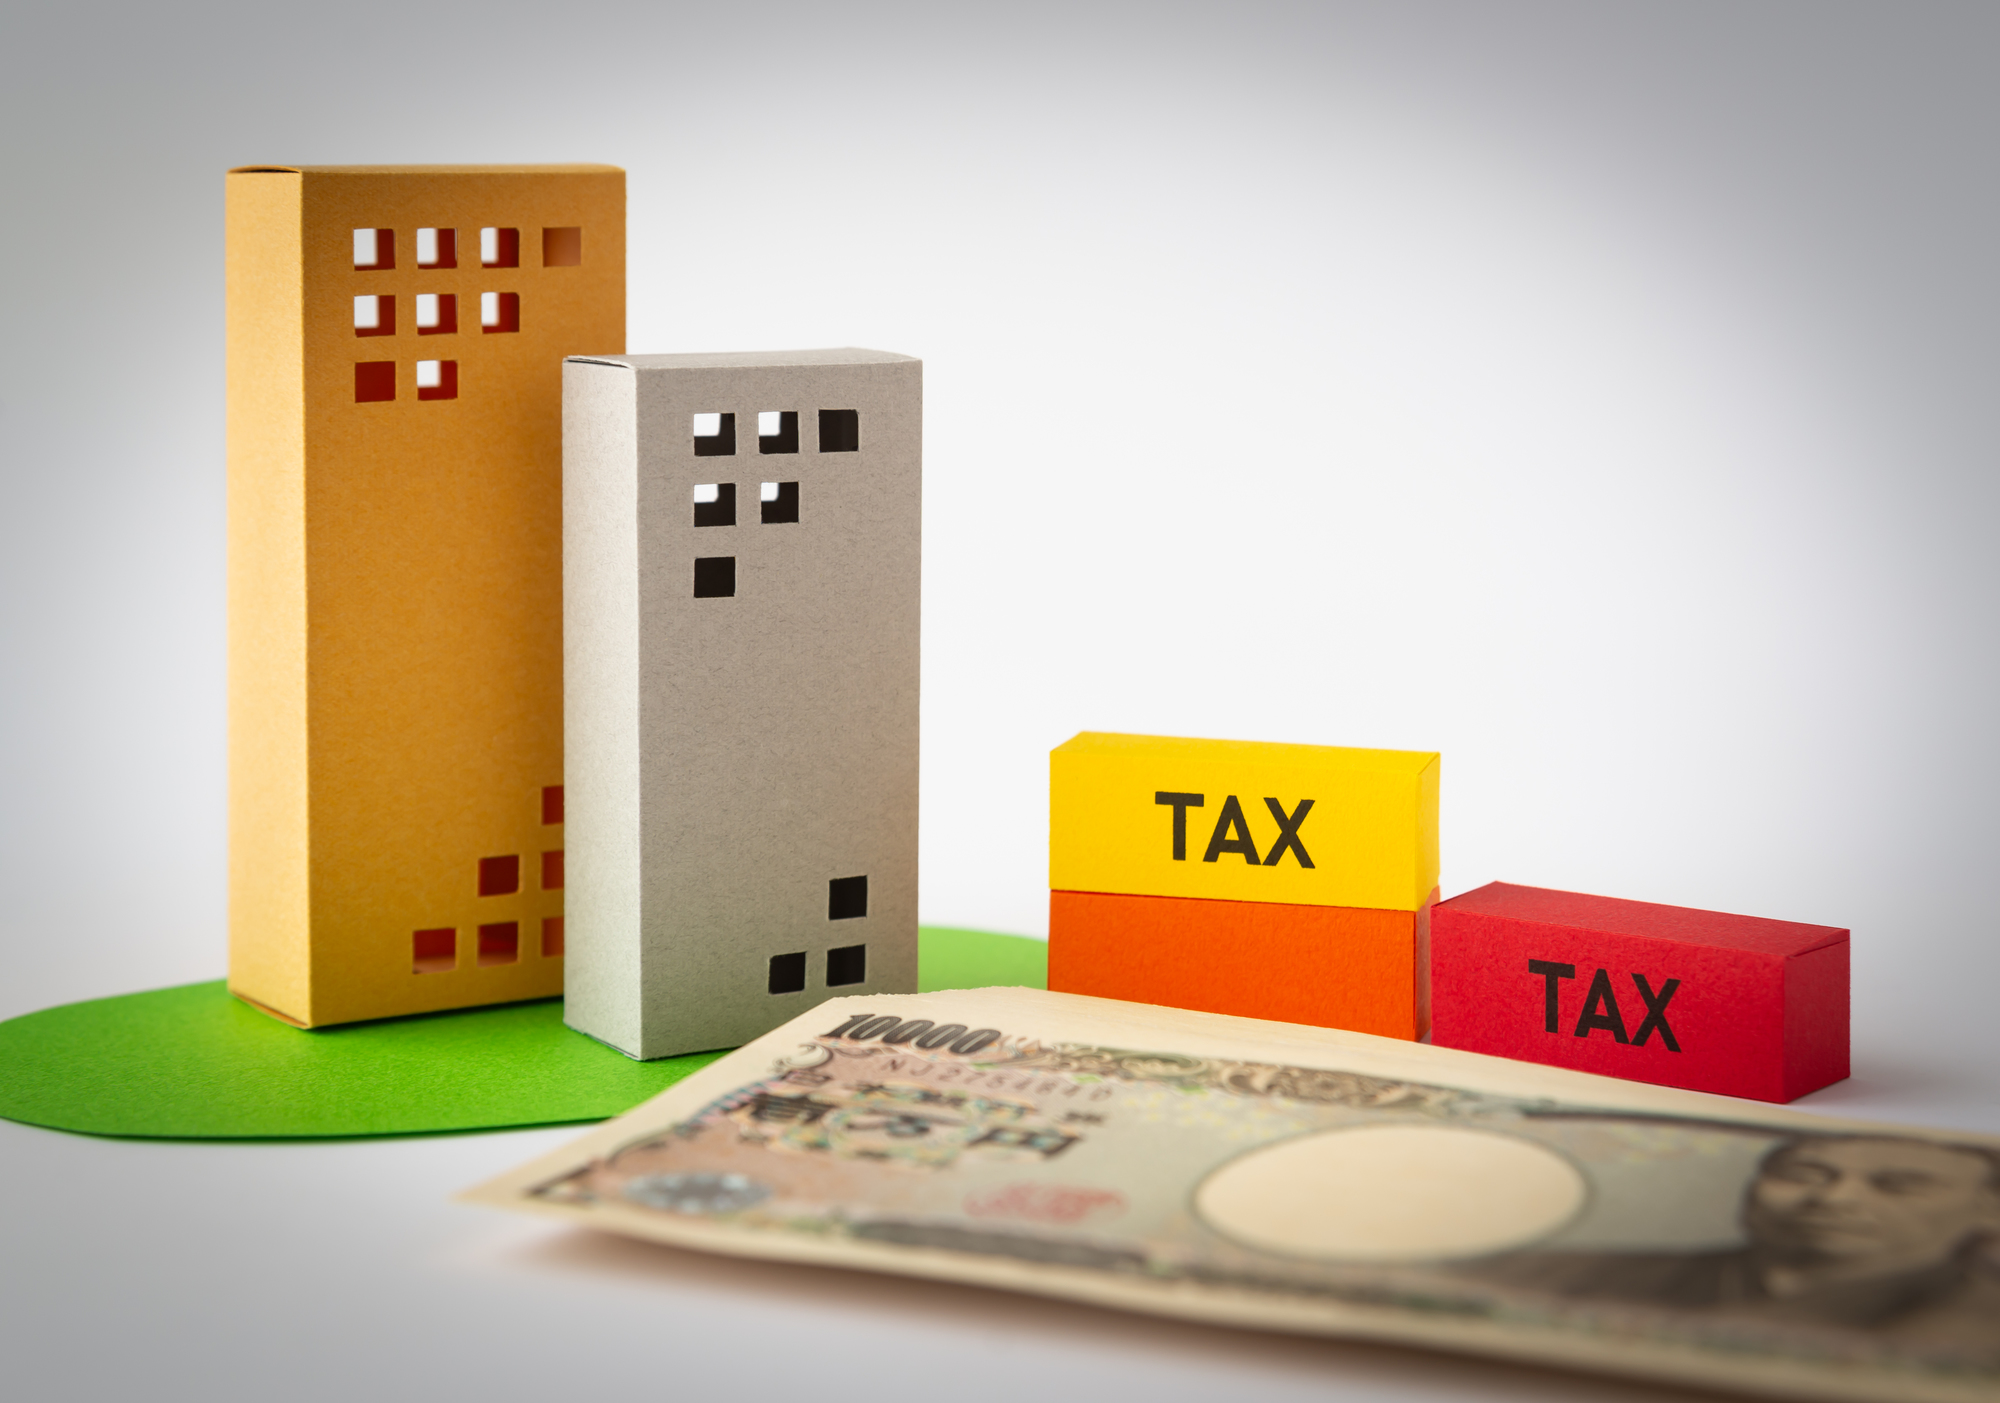 株式譲渡を行うと消費税が発生? 課税されるものと非課税の違いとは